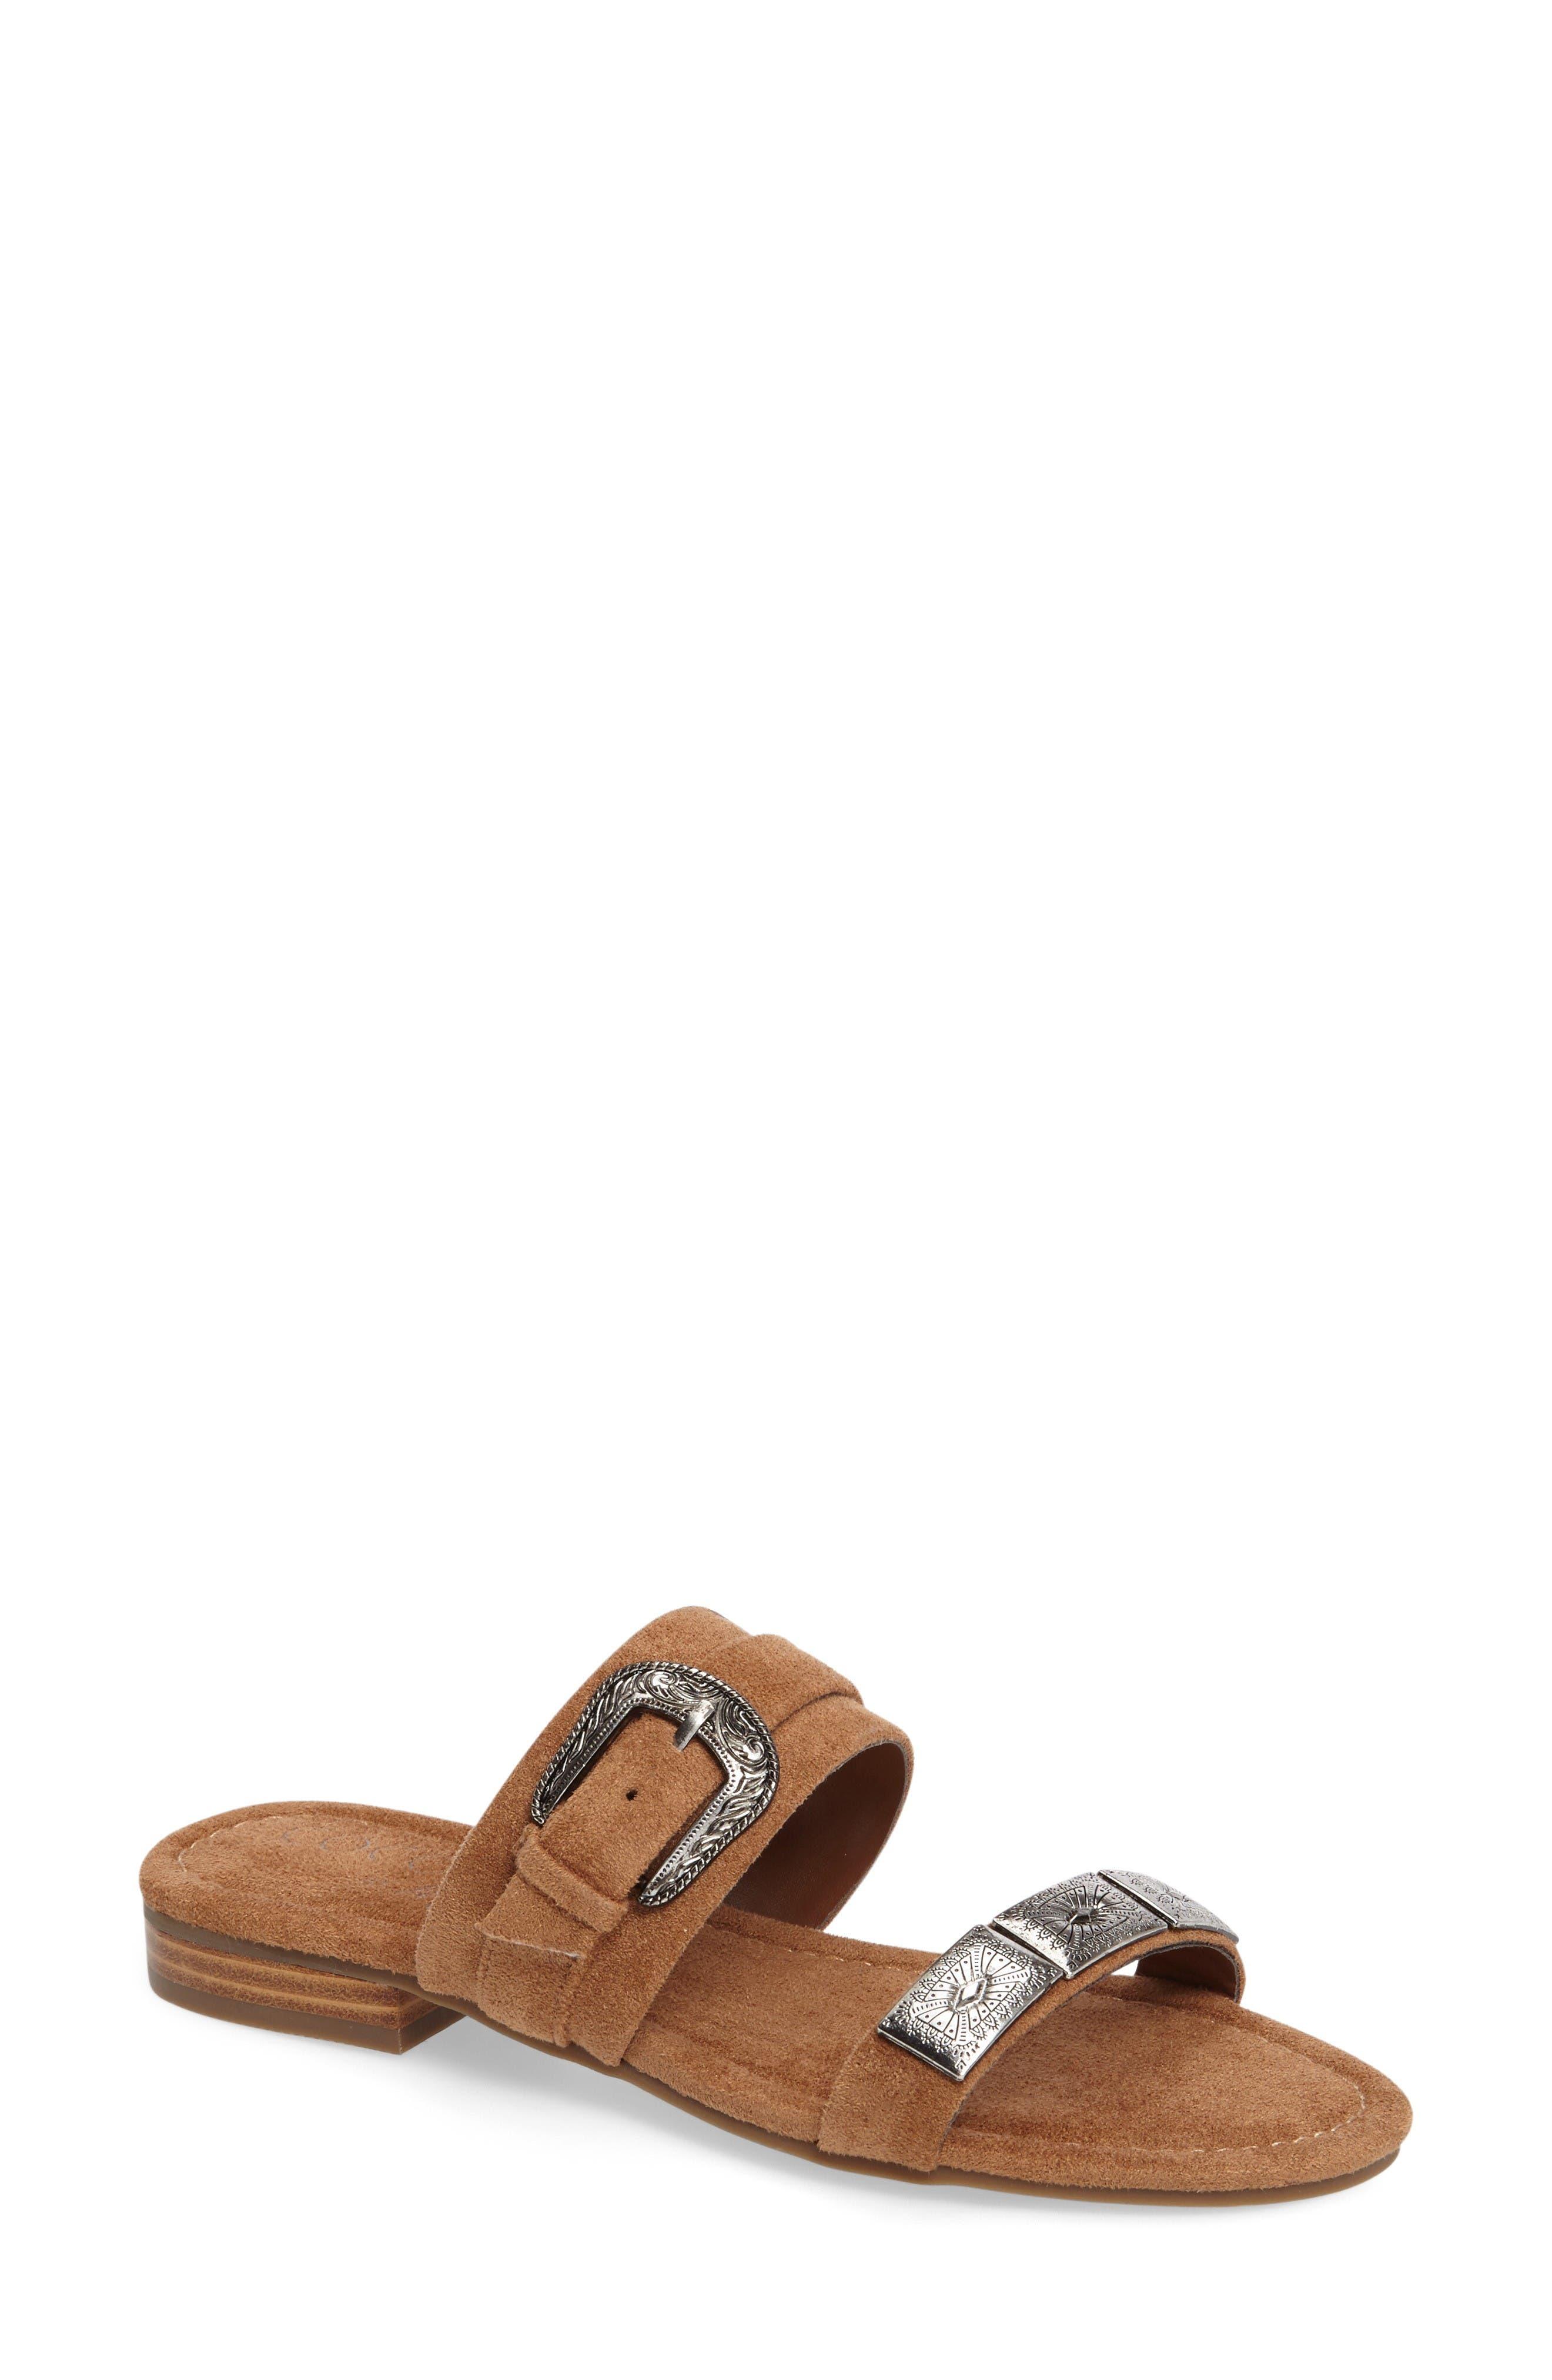 Brantley Buckle Slide Sandal,                         Main,                         color, Saddle Suede